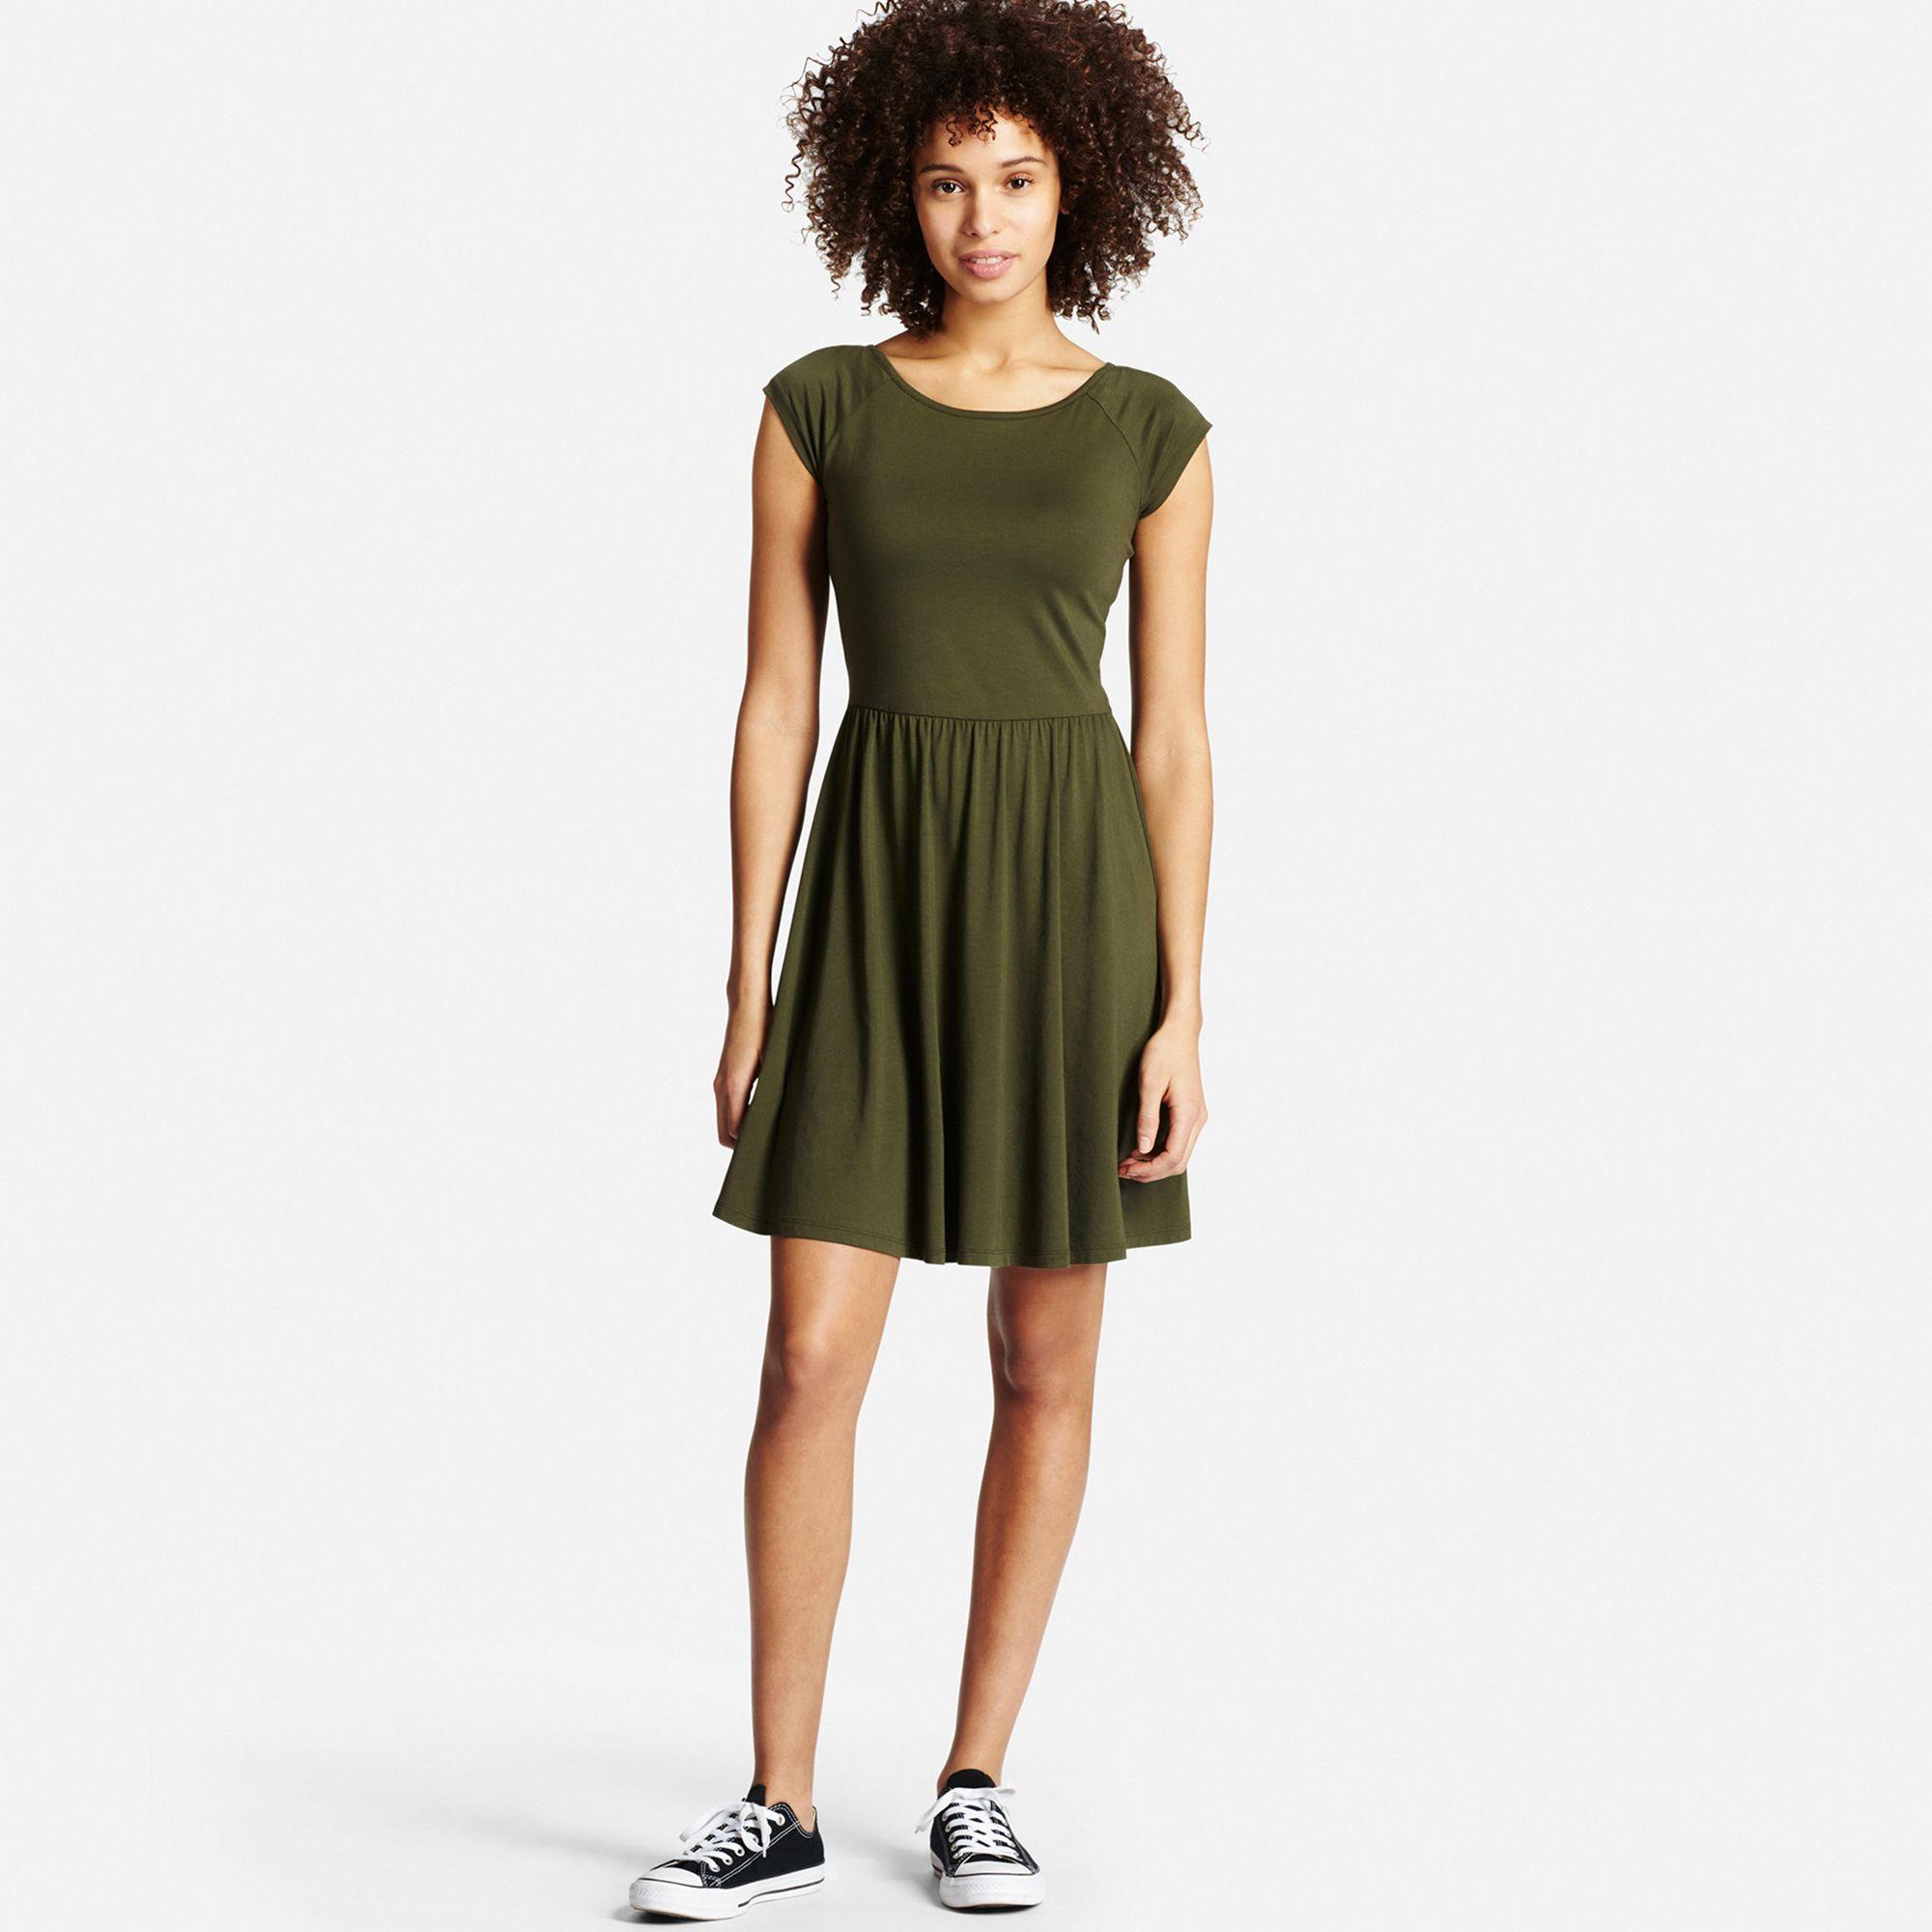 Unique Women39s Dresses  Formal Amp Shirt Dresses  UNIQLO UK